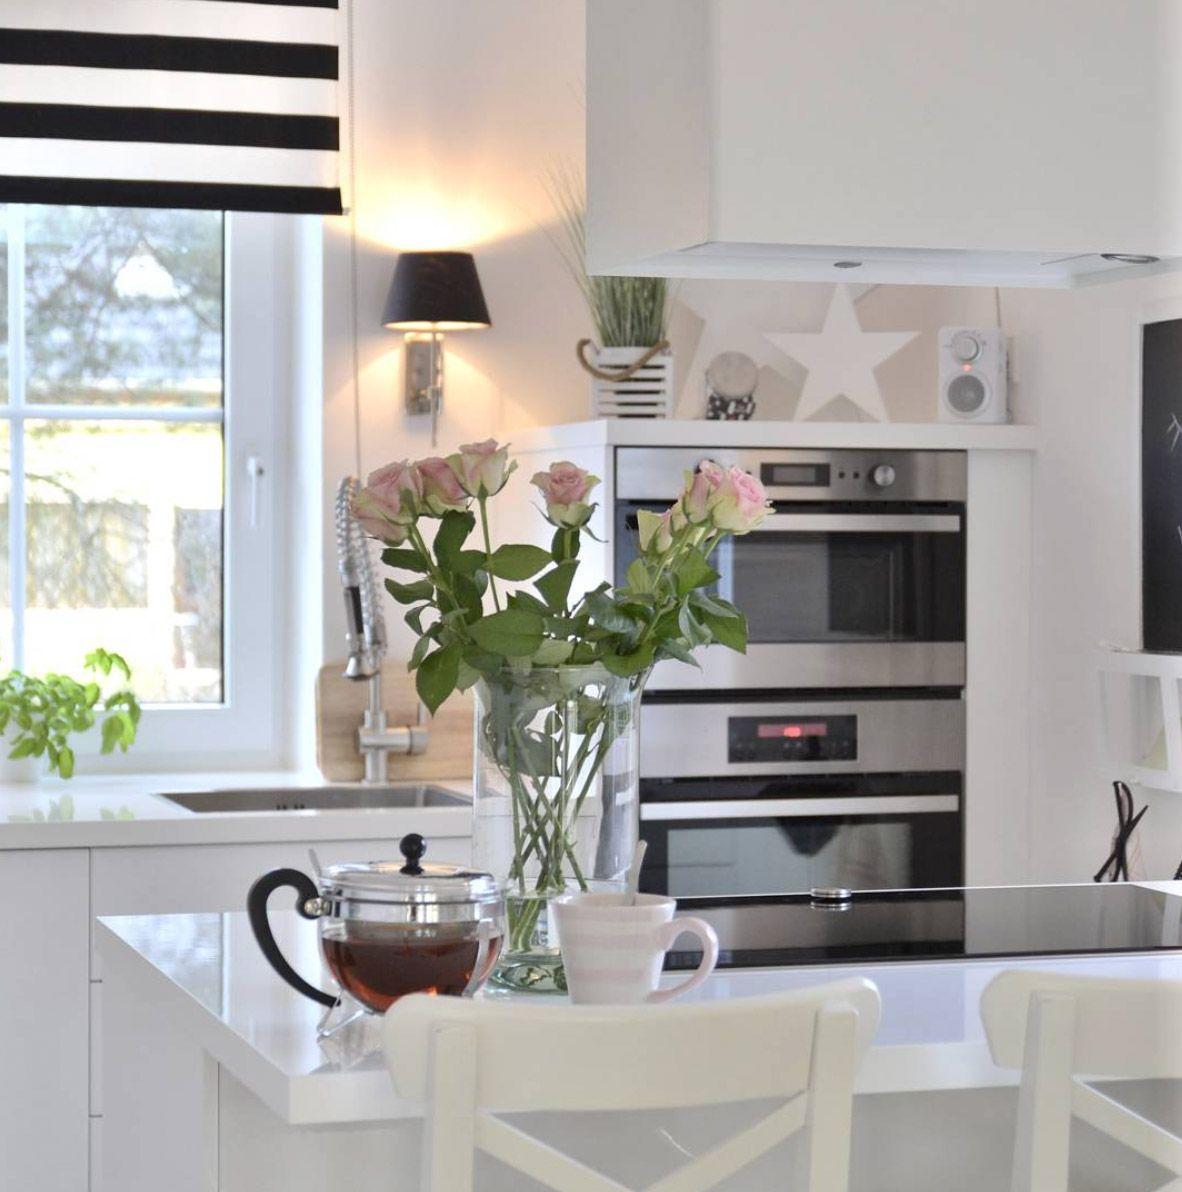 Erfreut Schwarz Weiß Moderne Küche Ideen Zeitgenössisch - Ideen Für ...